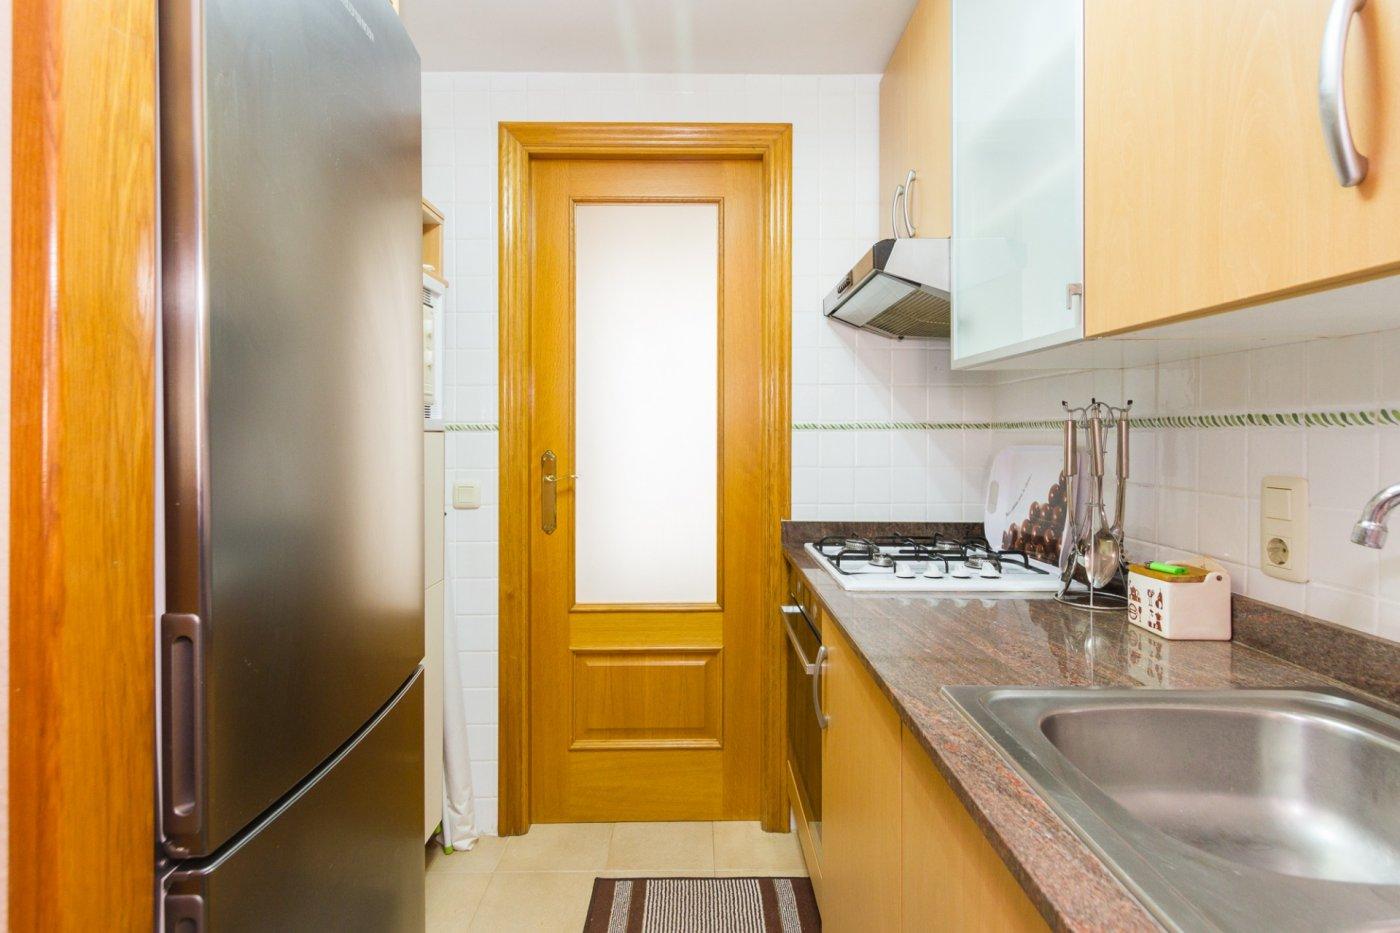 Venta de apartamento en xeraco - imagenInmueble11